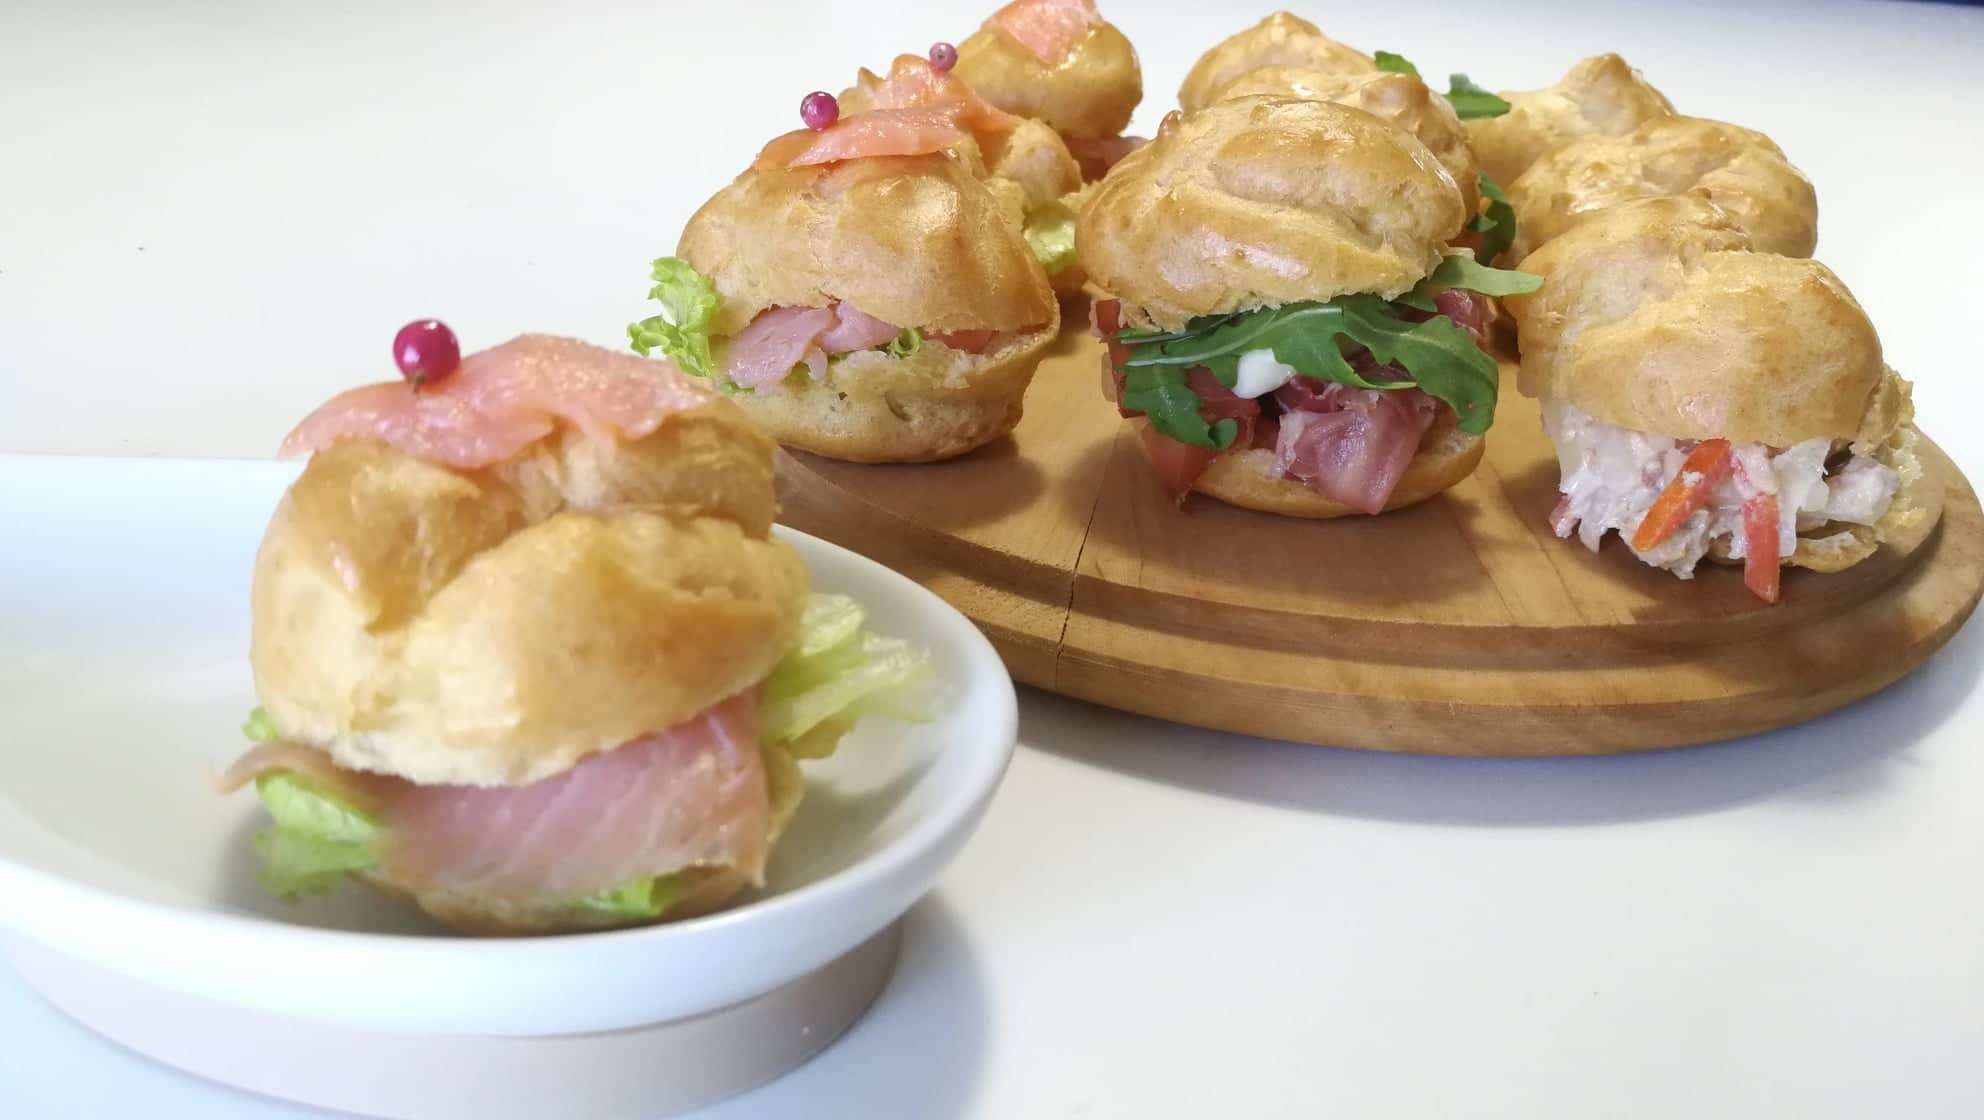 Ricetta Bigne Salati.Bigne Salati Ripieni Antipasti Deliziosi Le Migliori Ricette